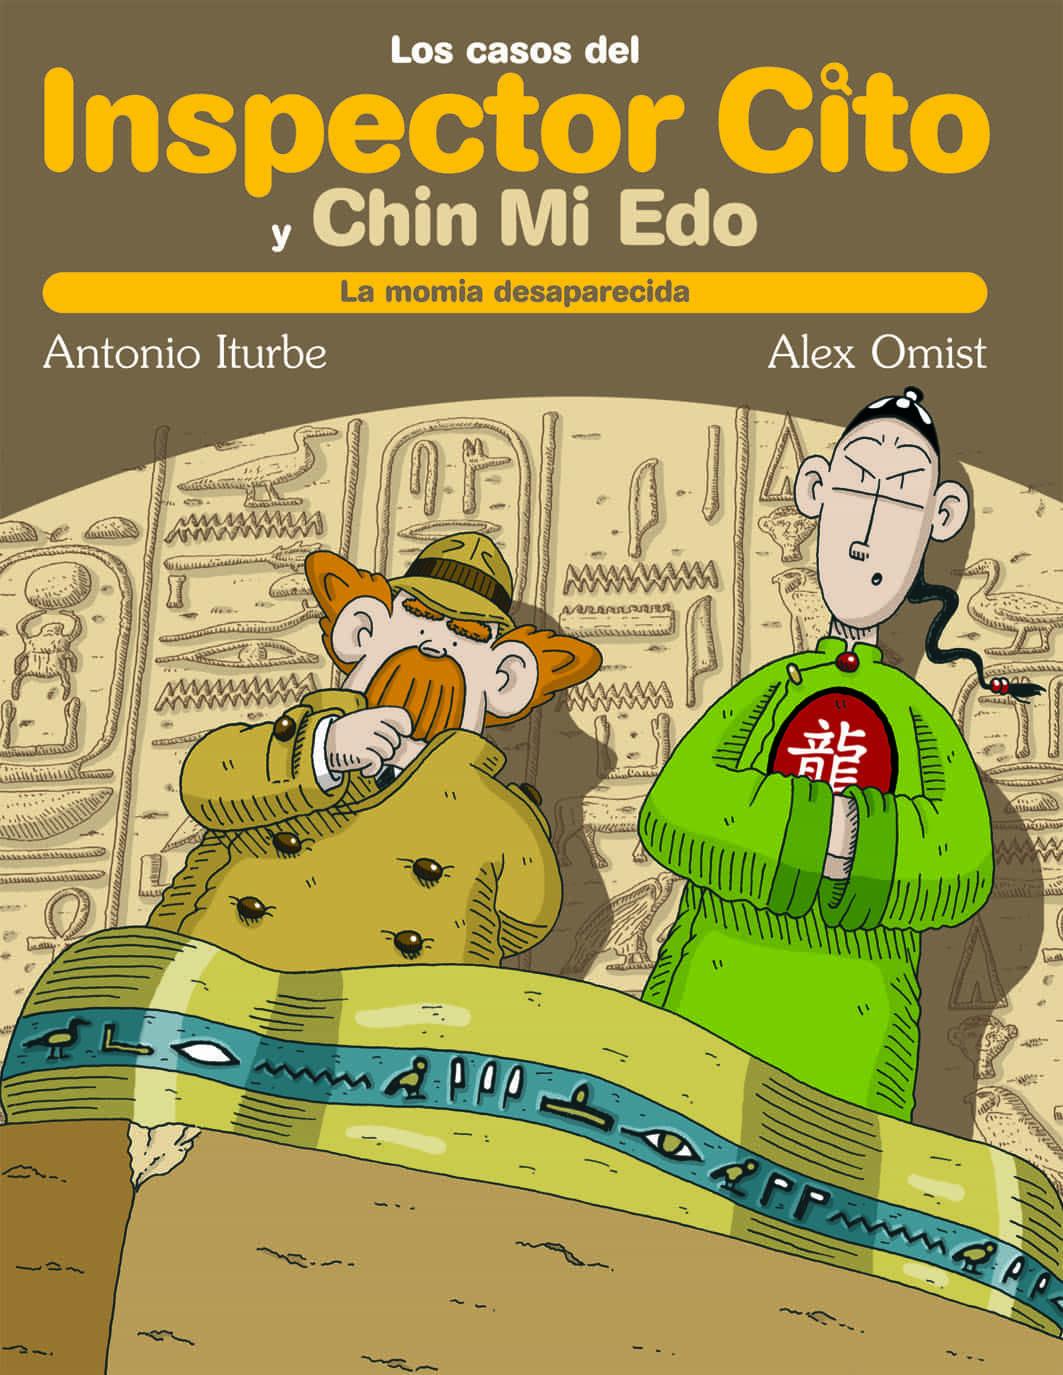 El Caso De La Momia Desaparecida (los Casos Del Inspector Cito) por Antonio G. Iturbe epub